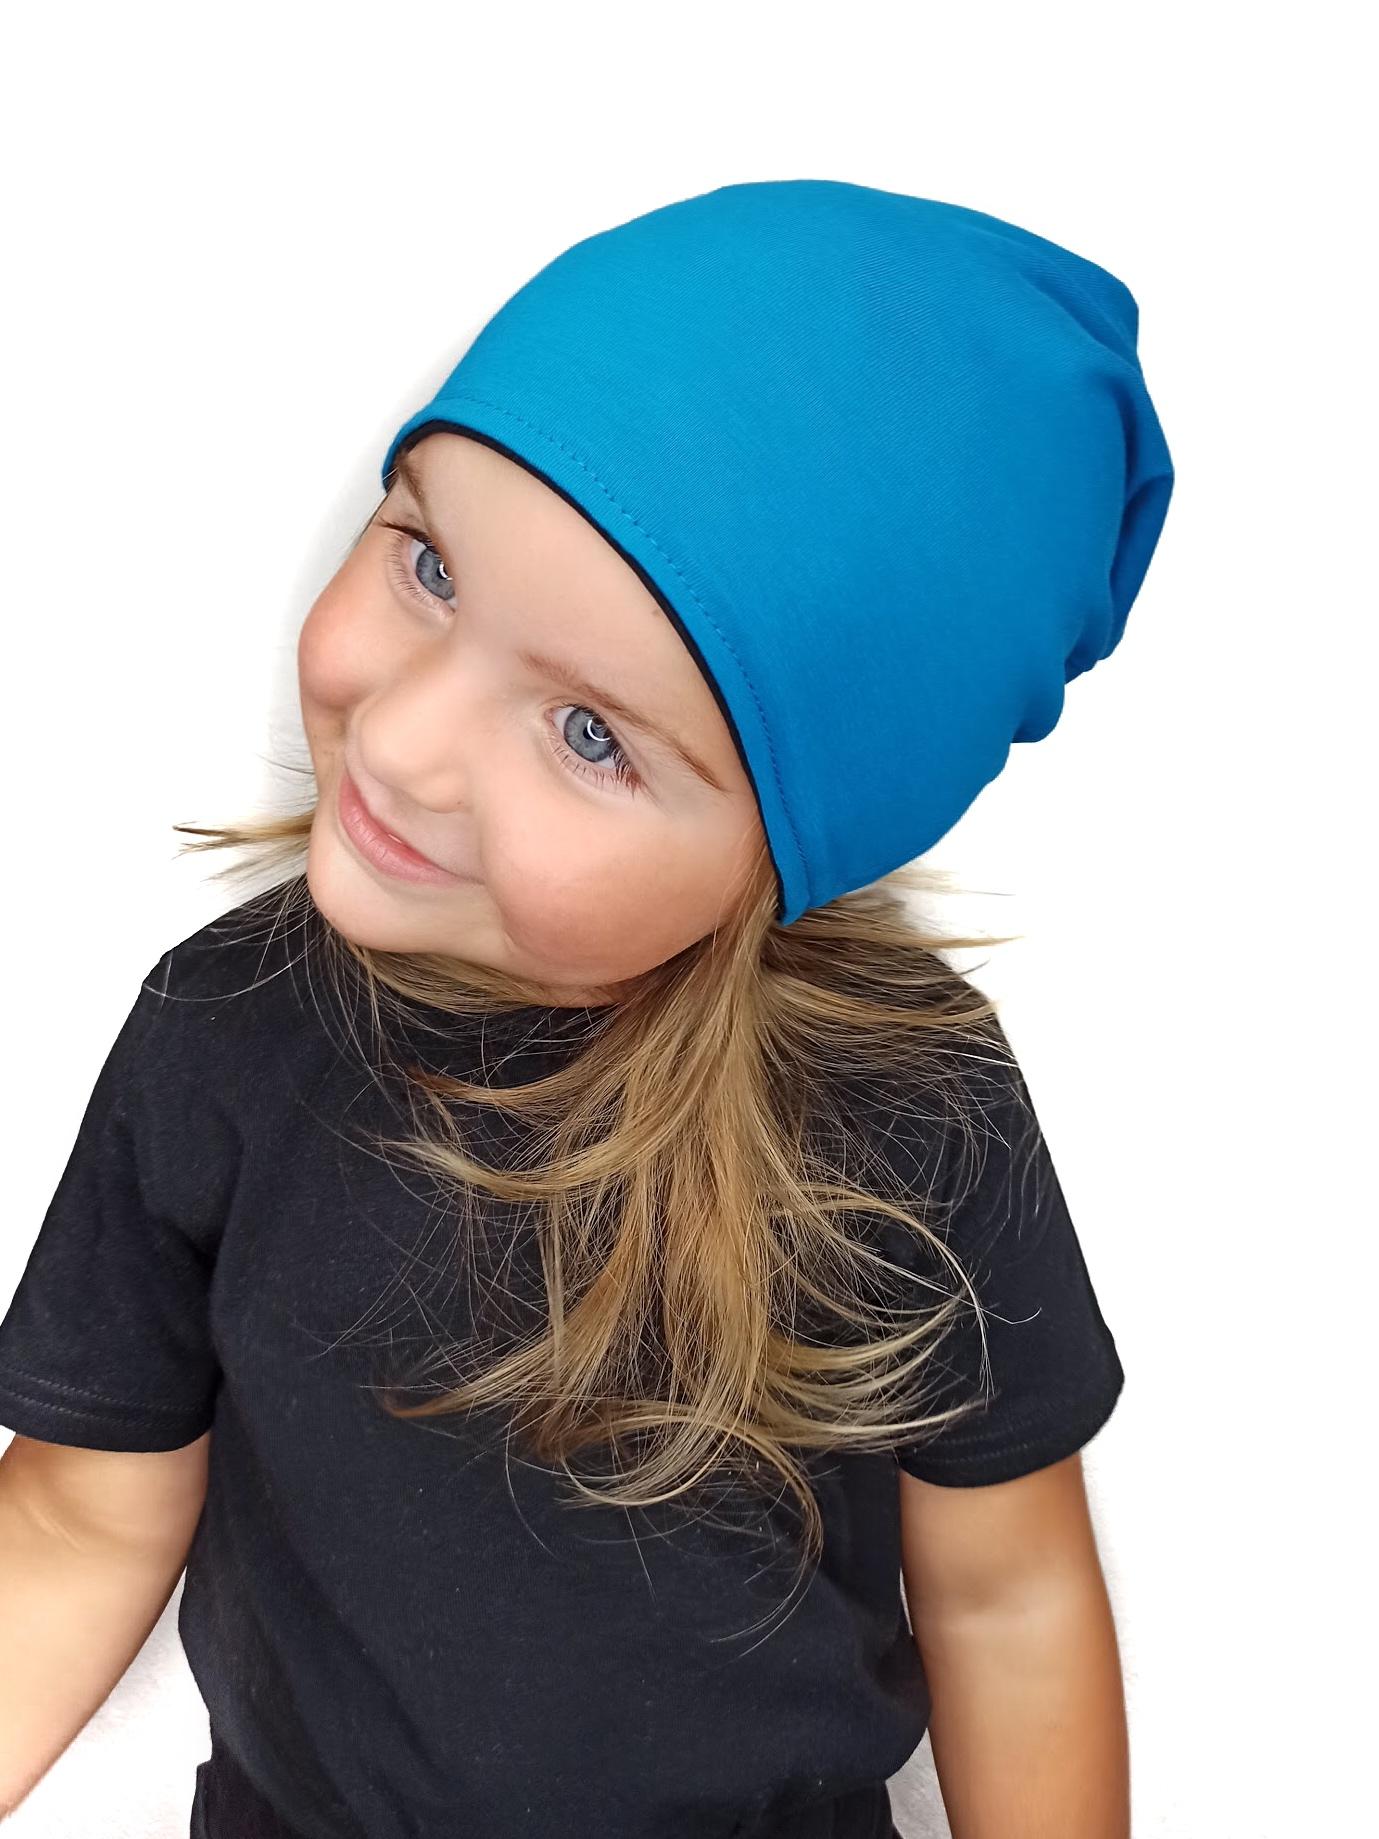 Dětská čepice bavlněná, oboustranná, černá+tmavý tyrkys, s